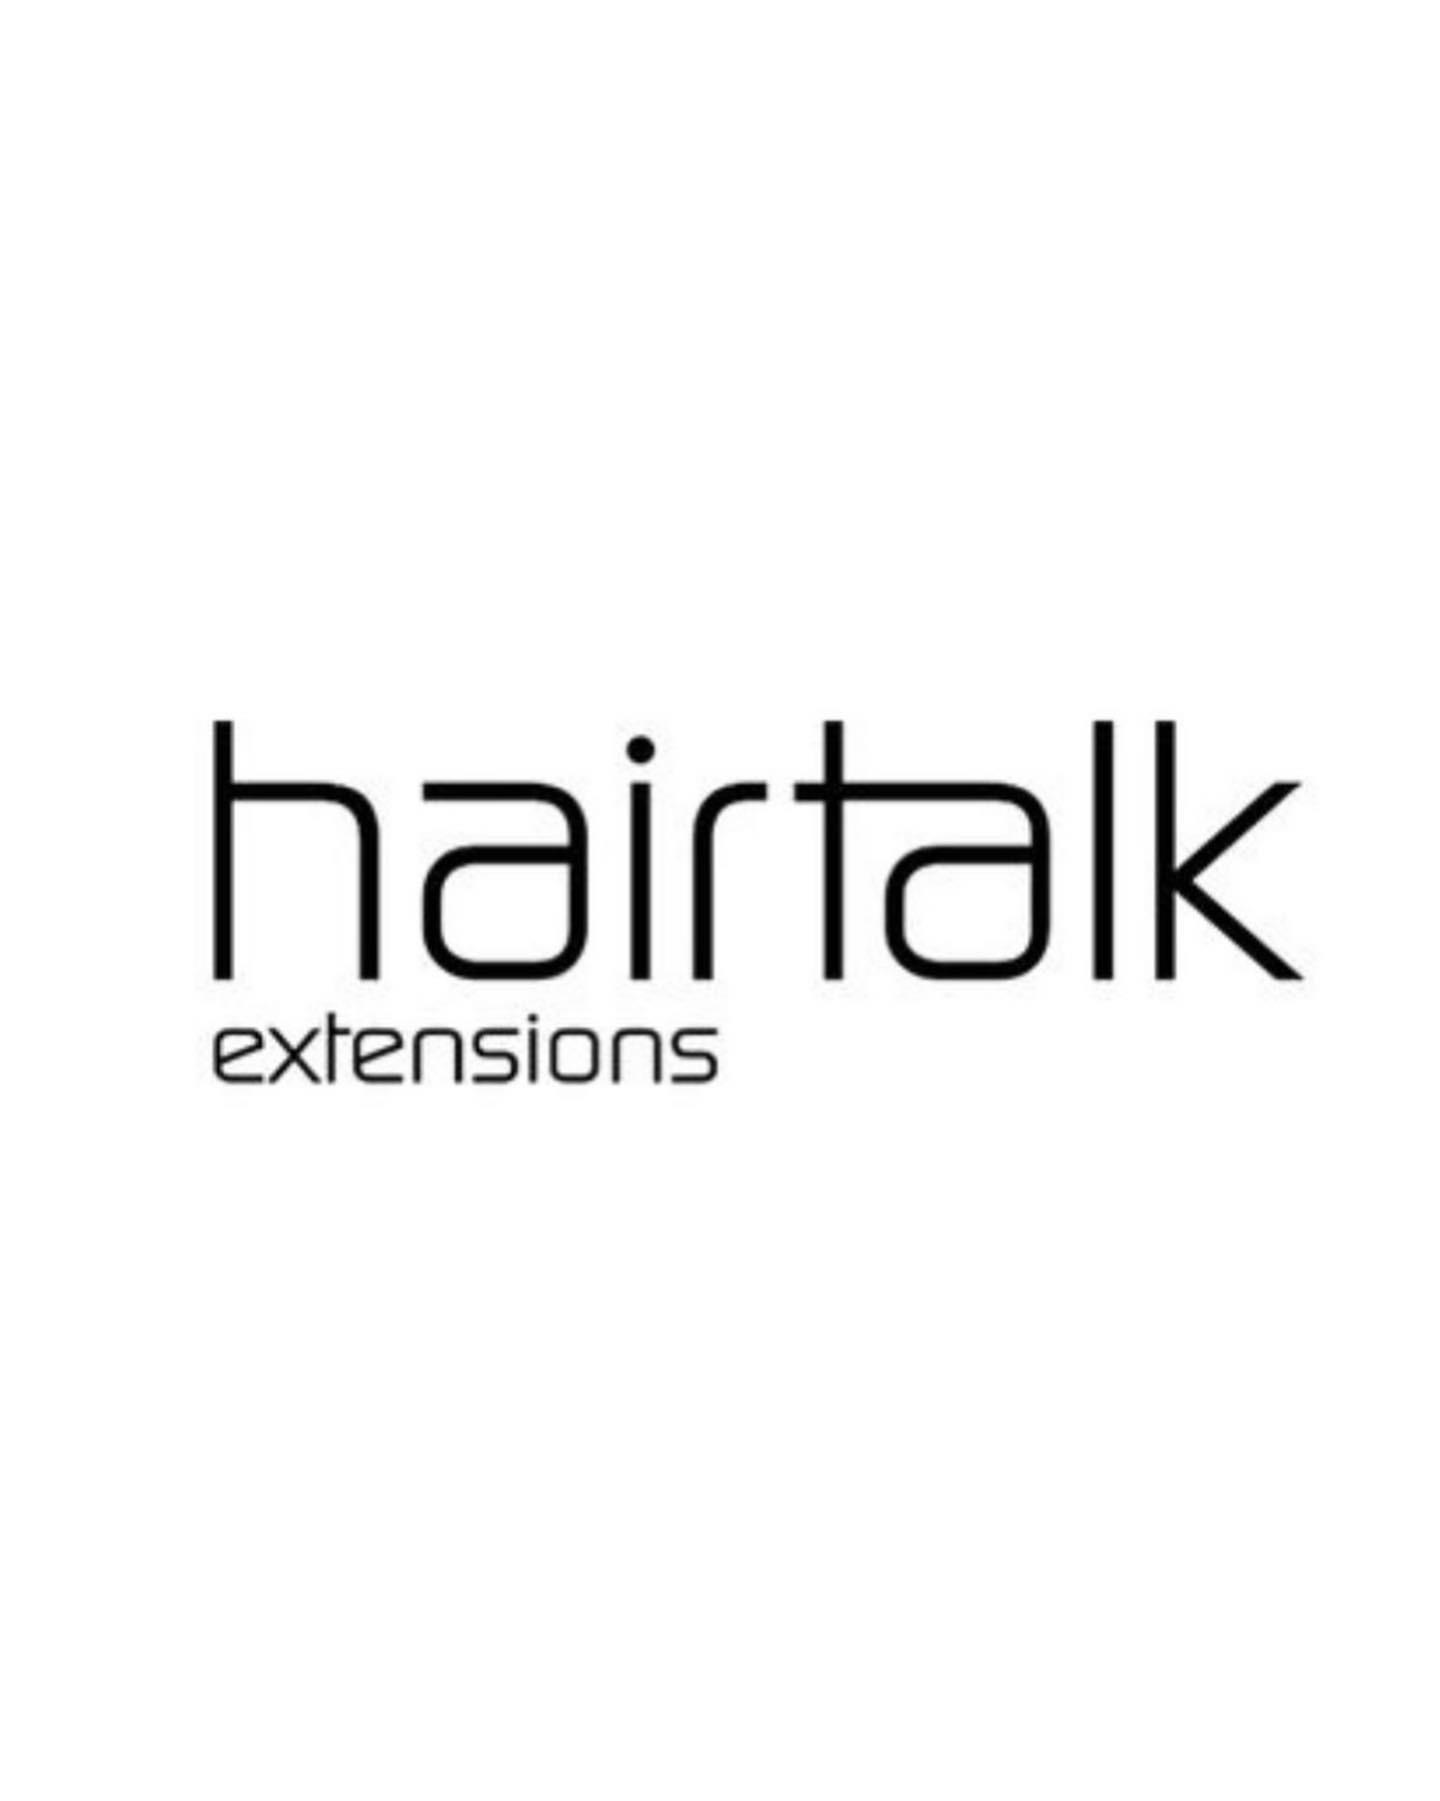 Logo-hairtalk-extensions